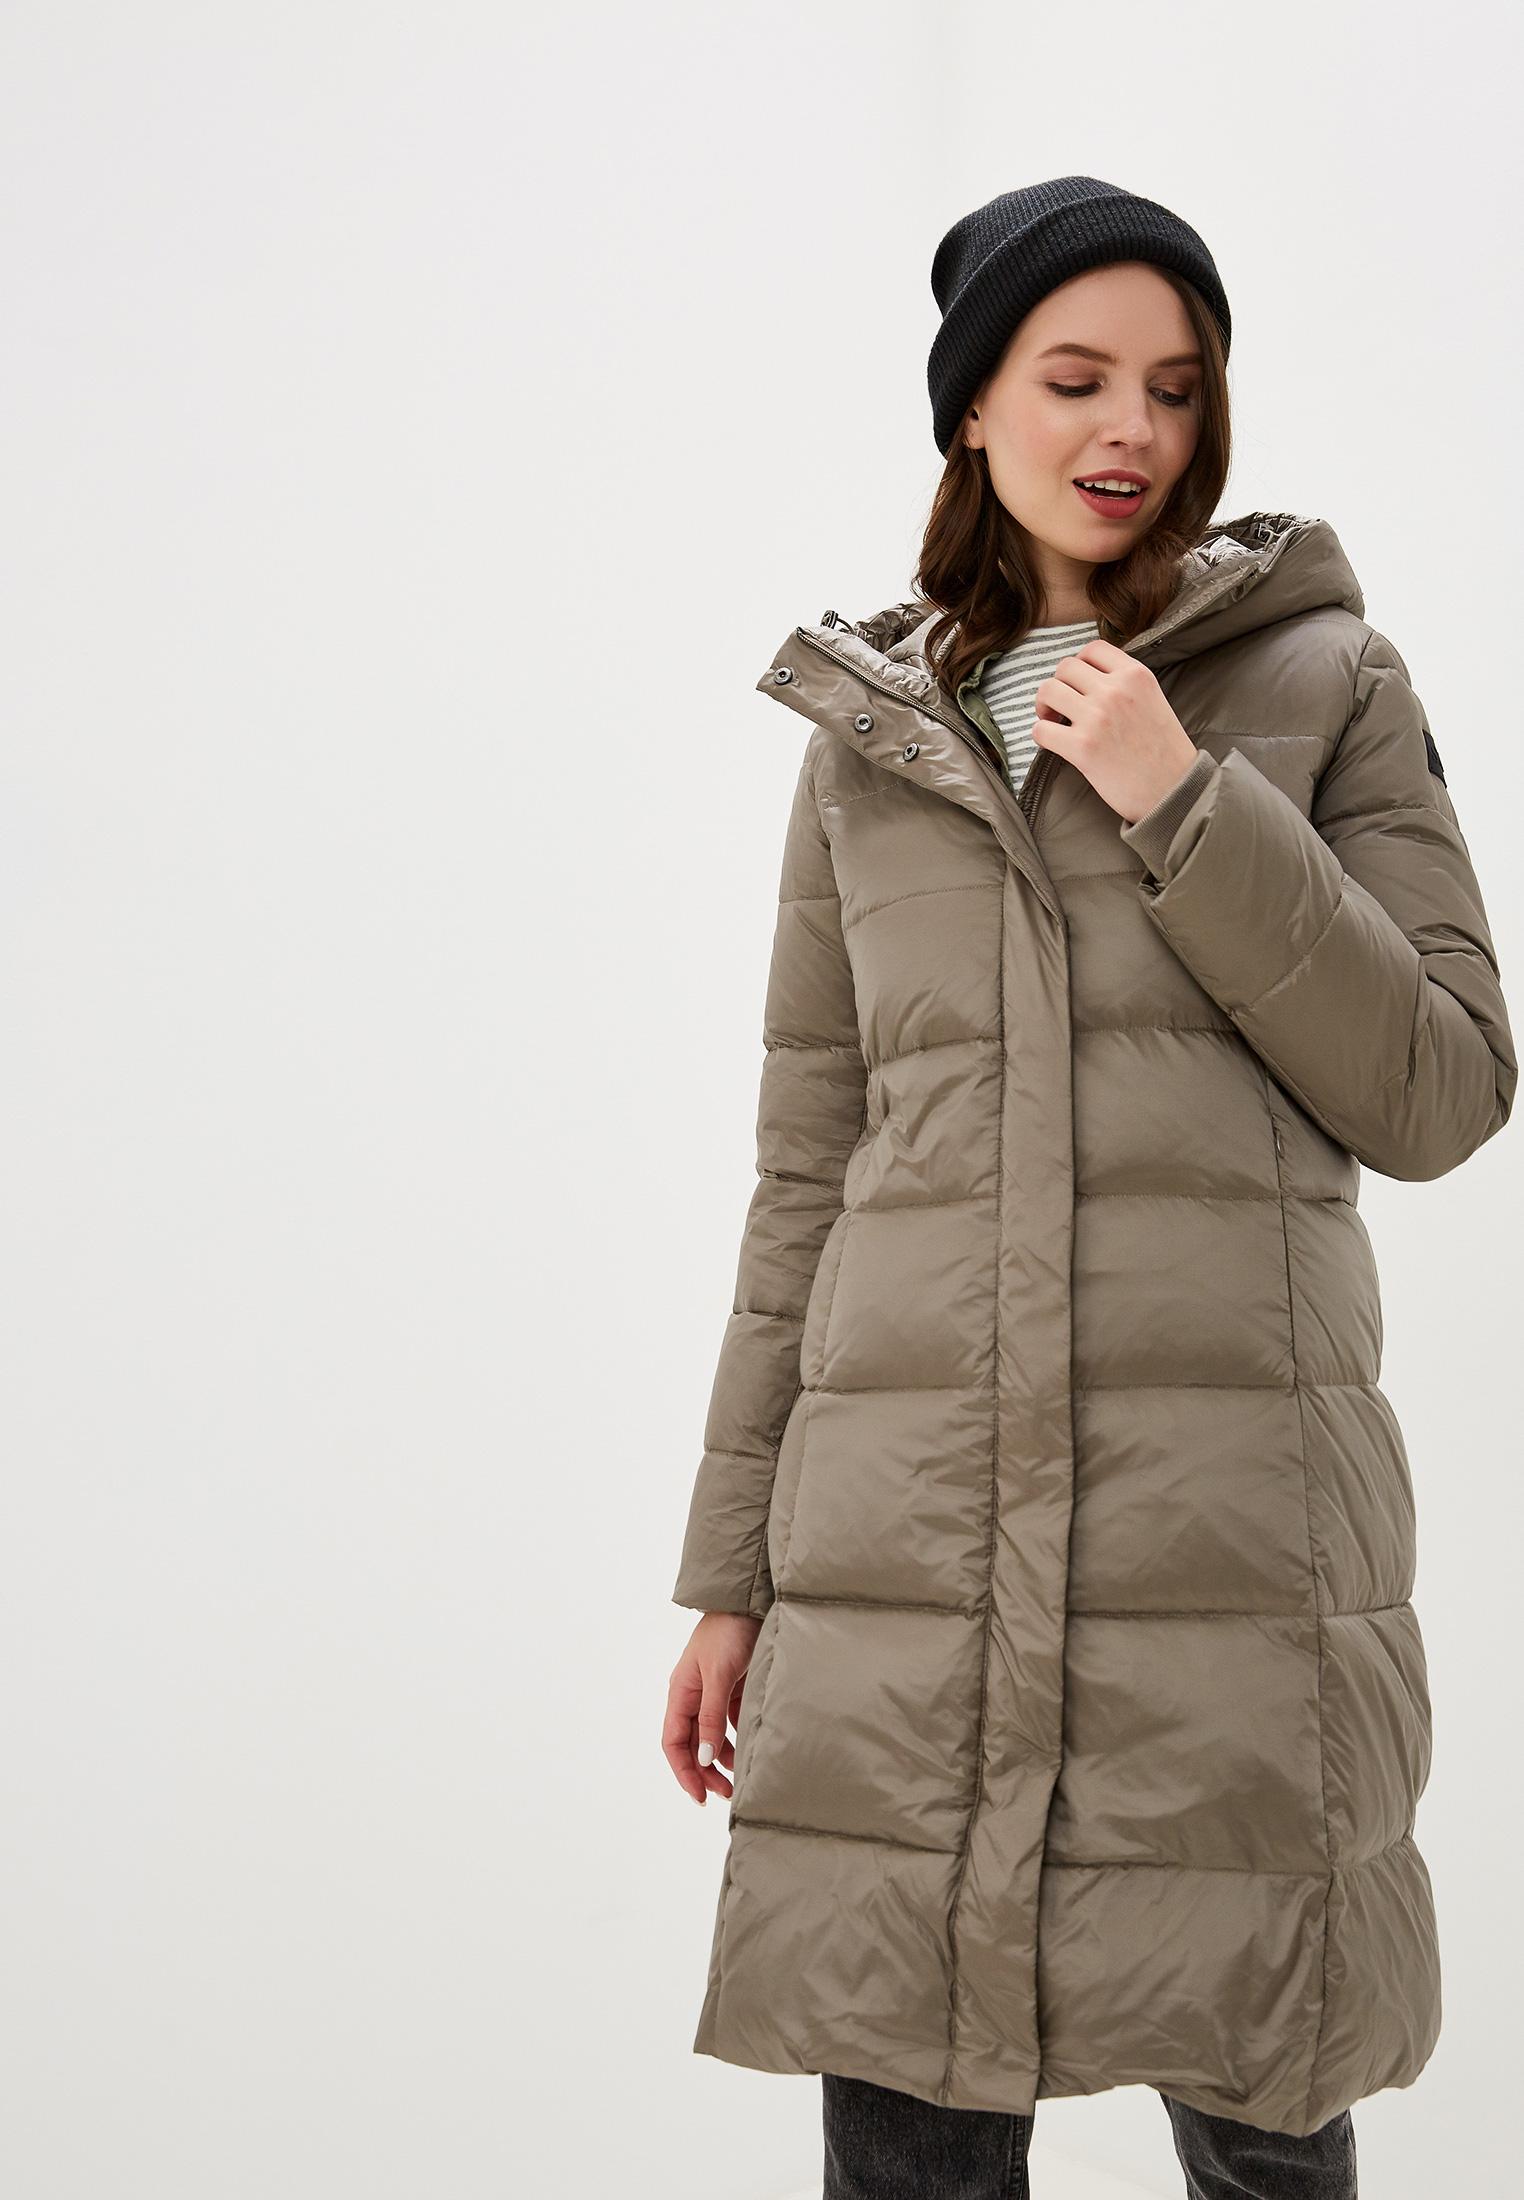 Пуховик, Savage, цвет: коричневый. Артикул: SA004EWGERZ3. Одежда / Верхняя одежда / Пуховики и зимние куртки